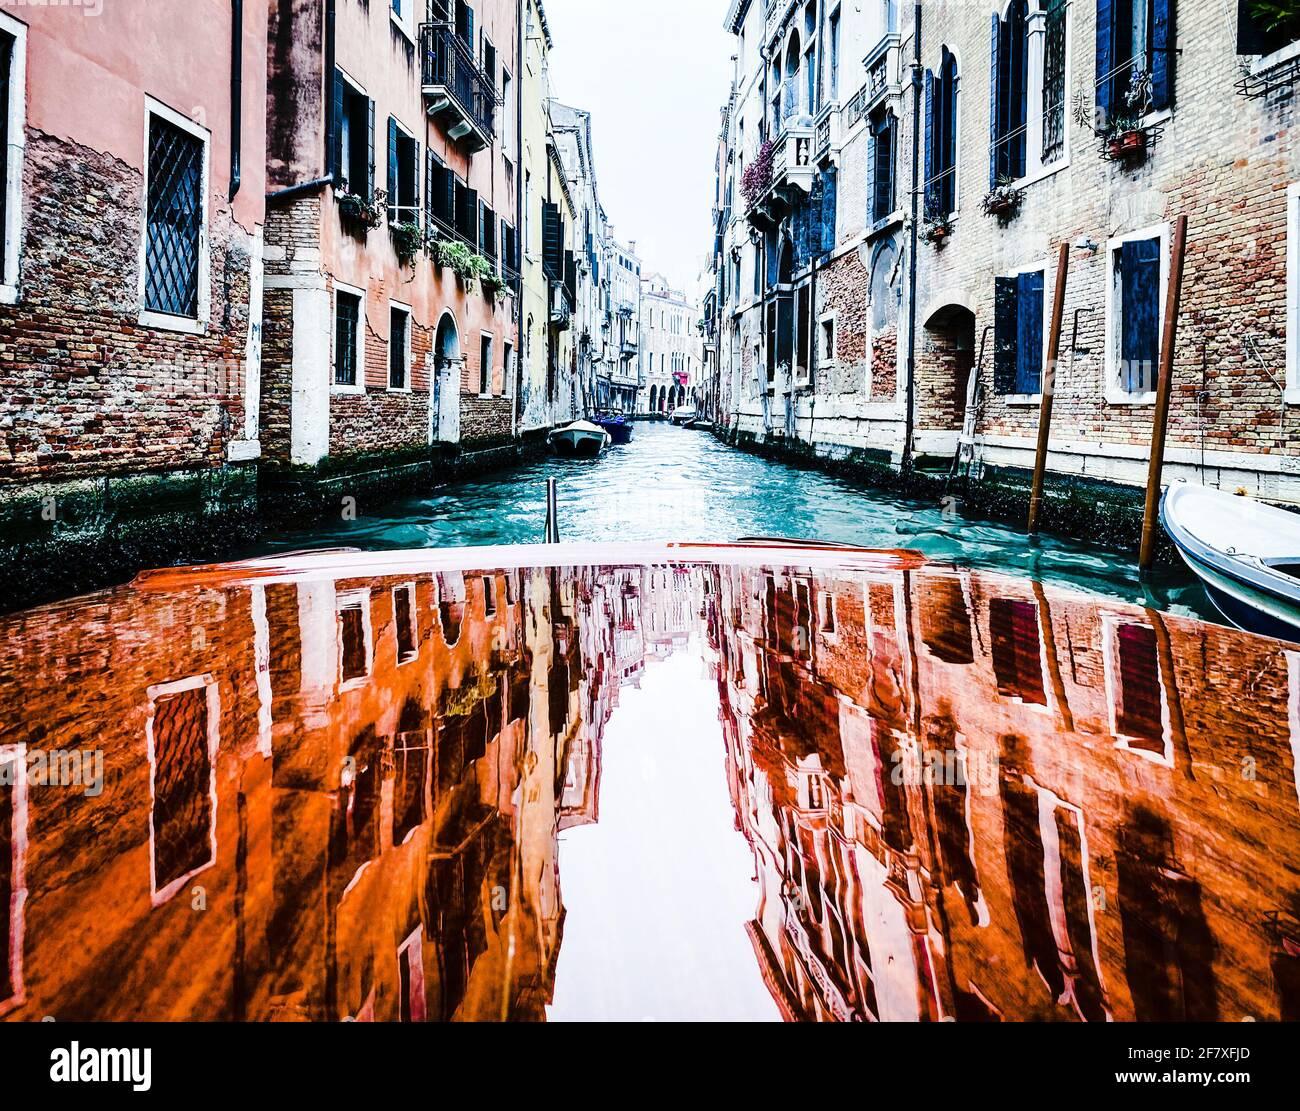 Riflessione delle case sulla cappa in legno verniciato, pontile, del taxi acqueo nelle vie di Venezia, che parte Foto Stock